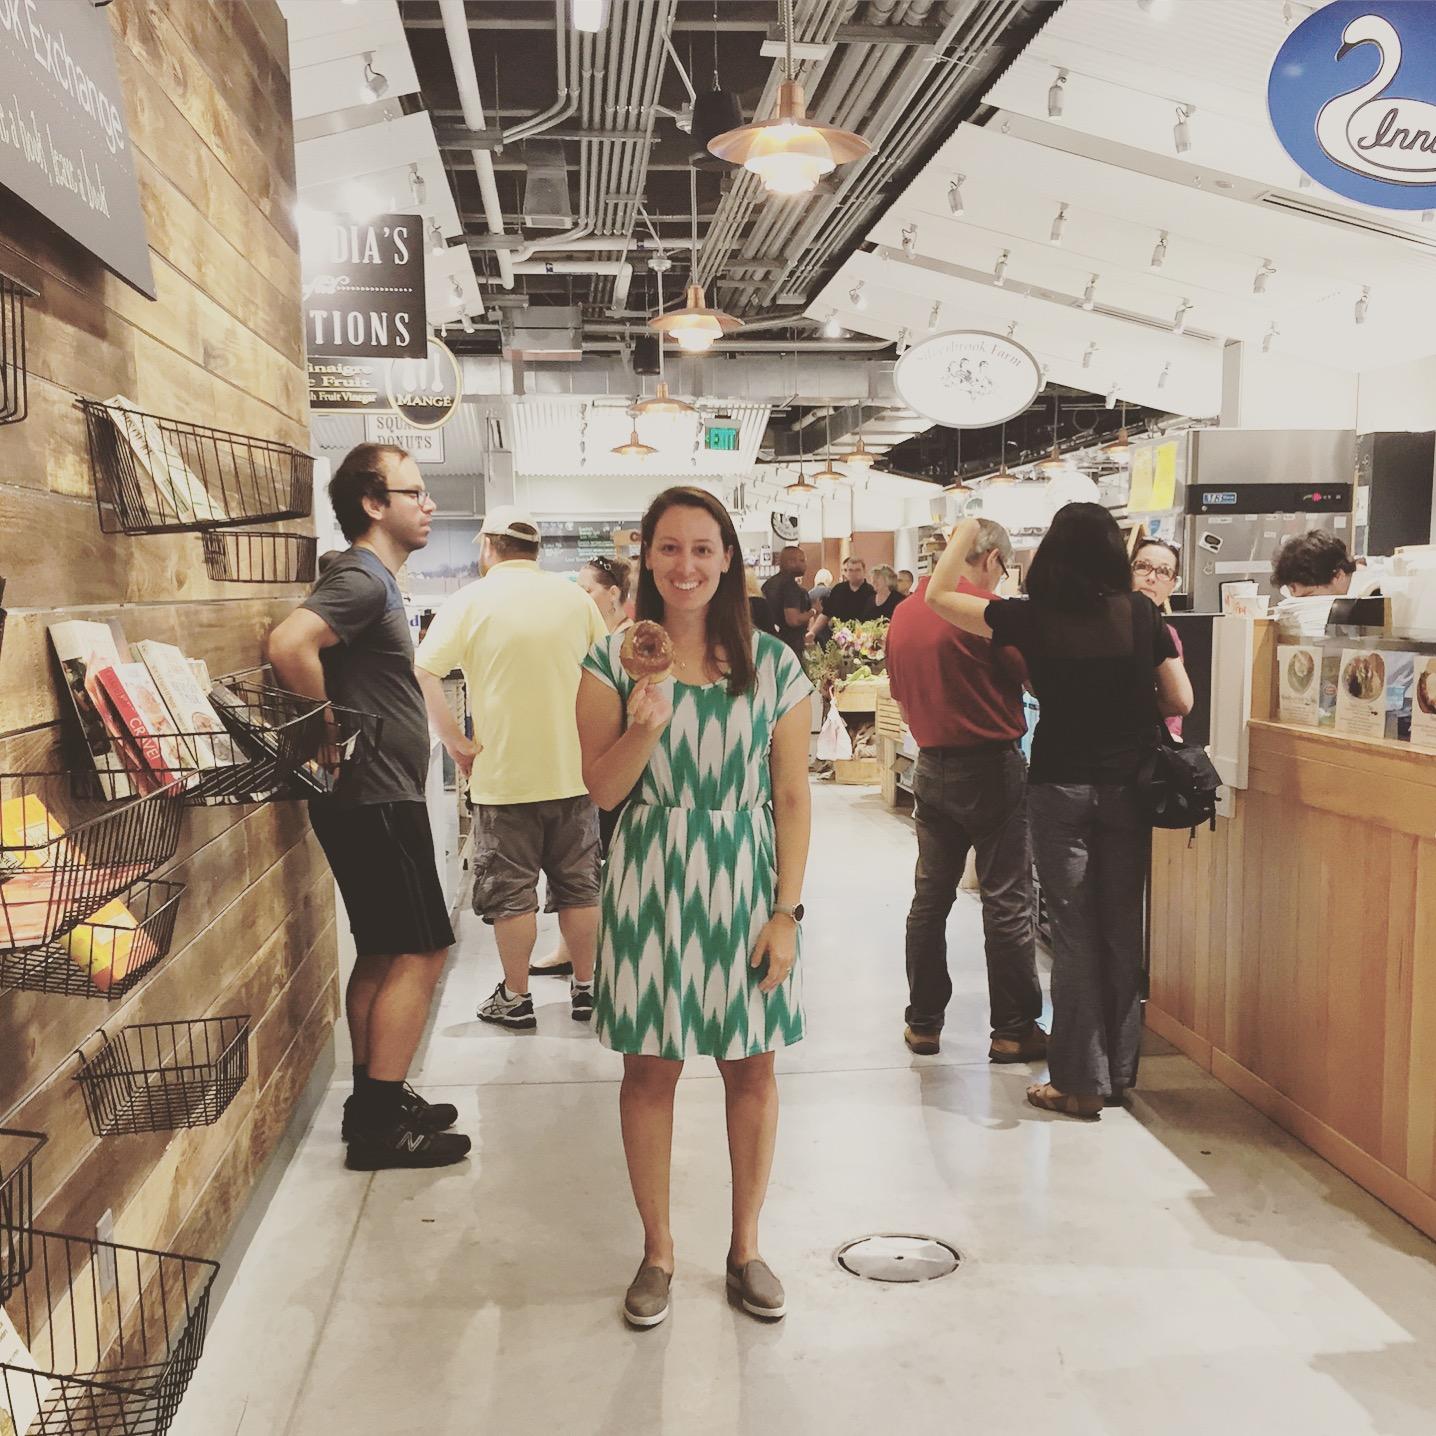 Food Options In Boston Public Market